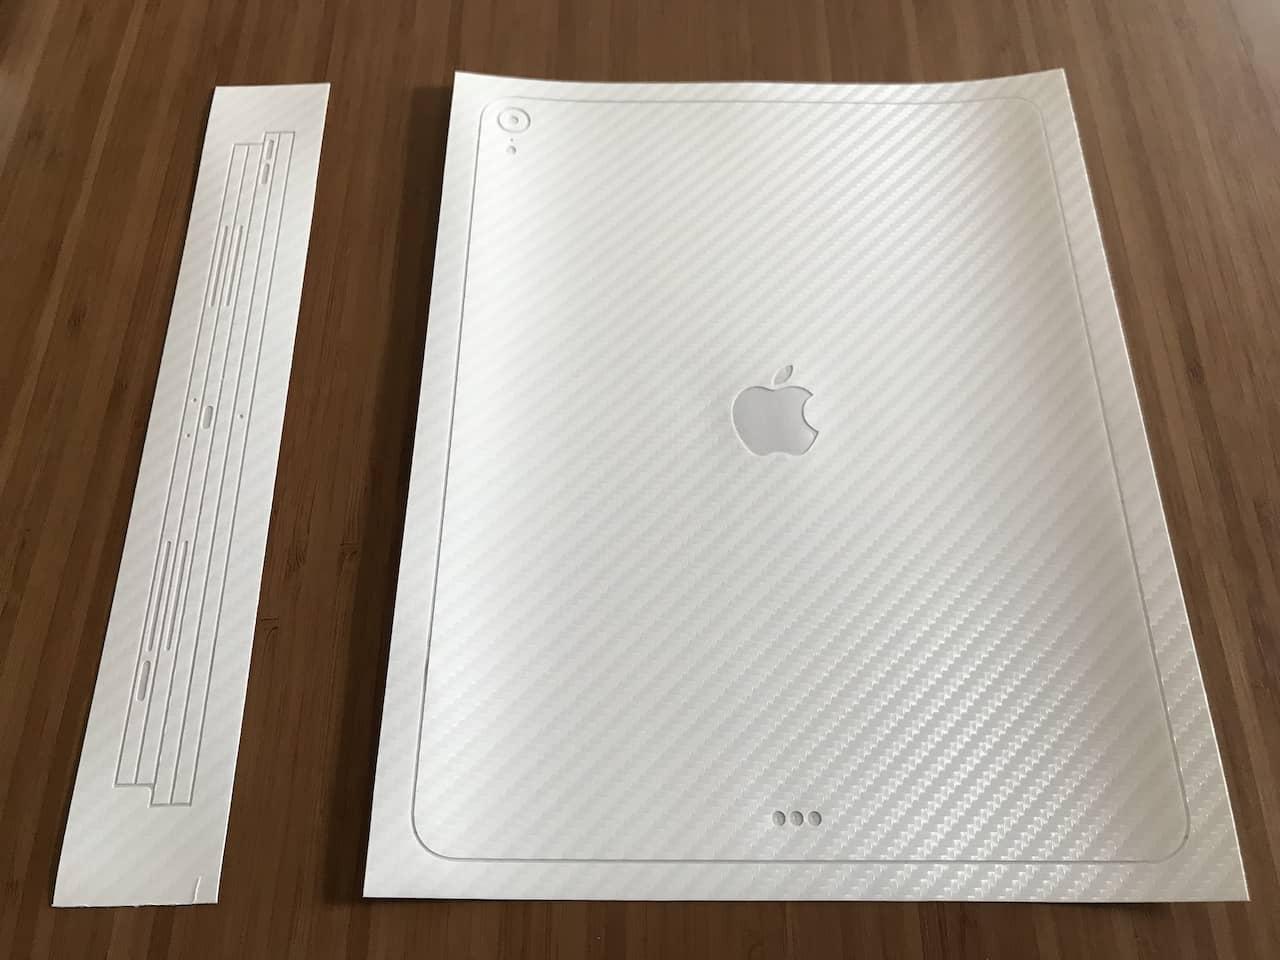 ipad用のホワイトのカーボン柄のスキンシールが木目調のテーブルの上に置いてあります。